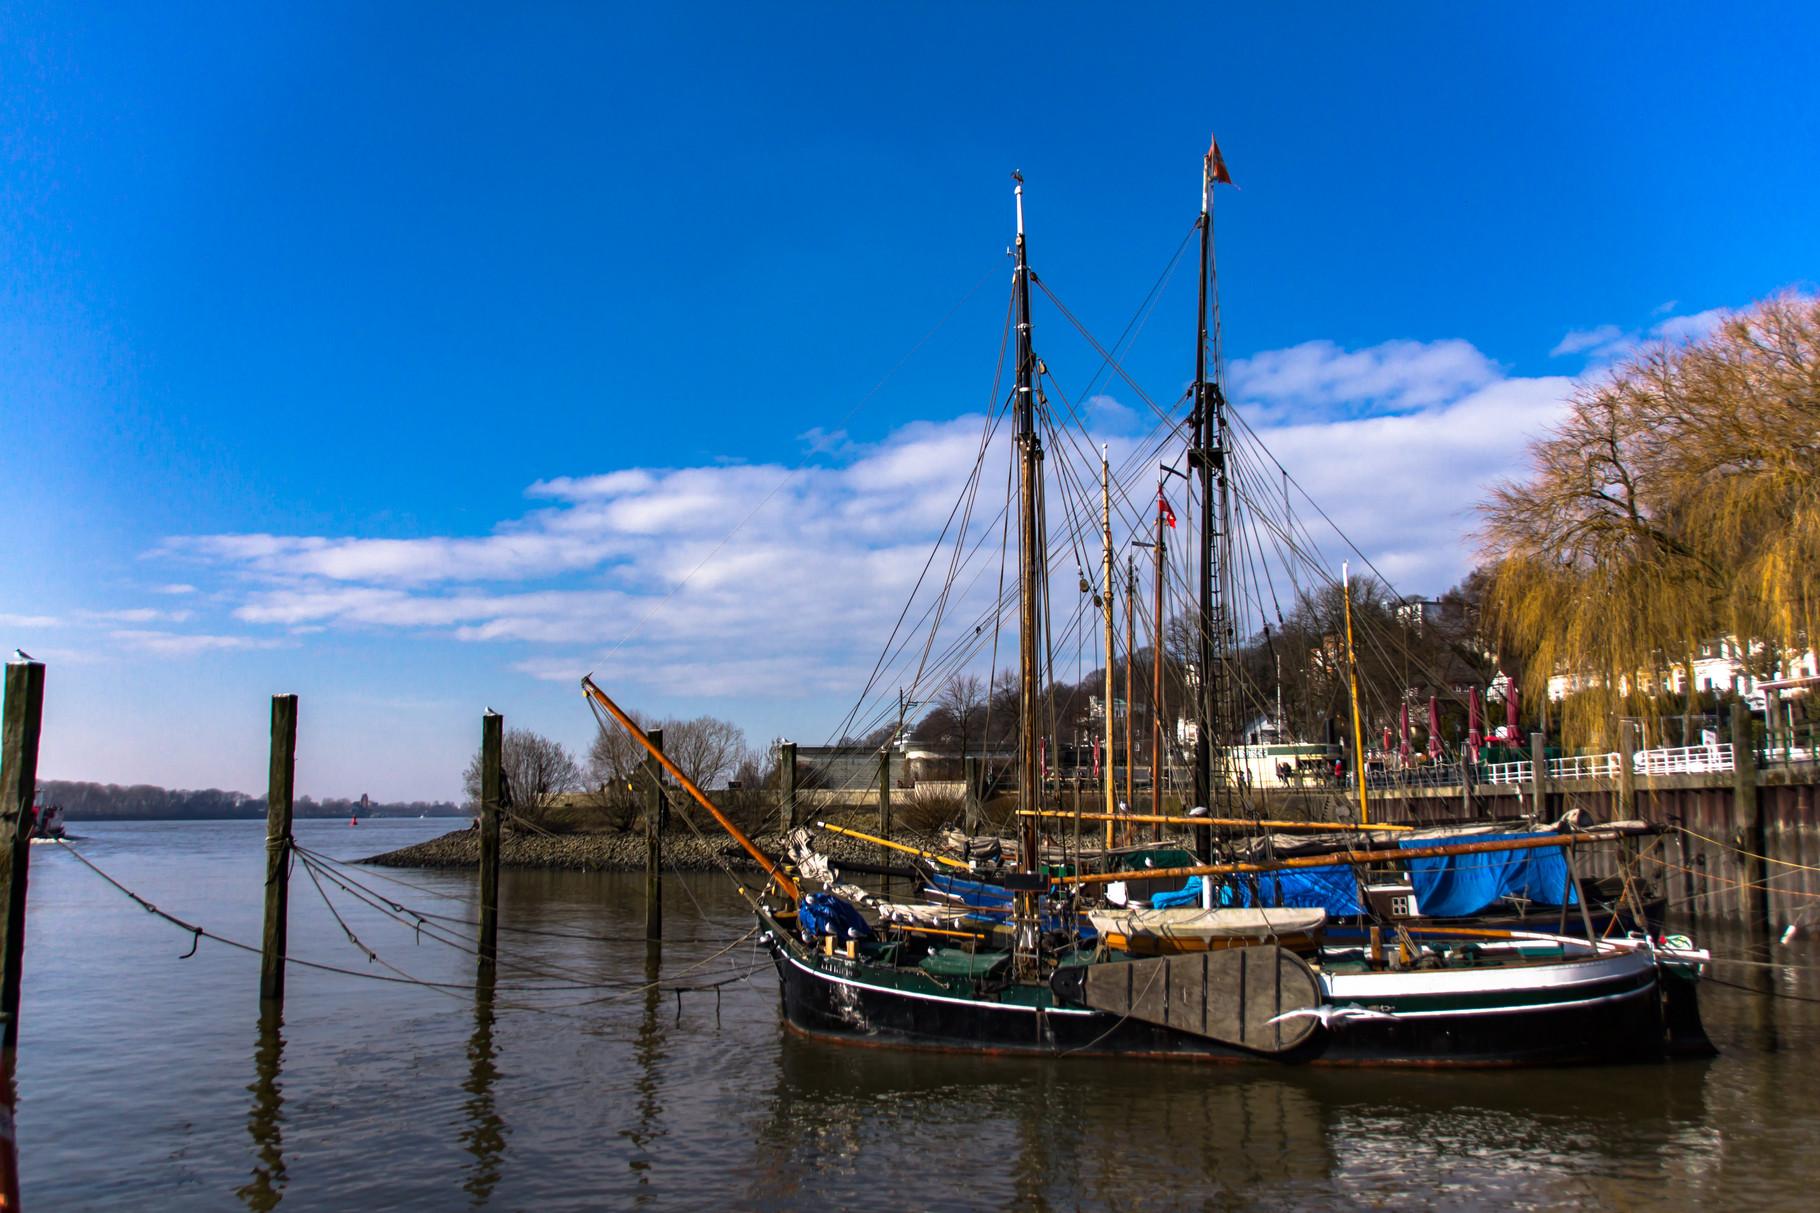 08_Hamburg - Elbstrand - Historischer Hafen.